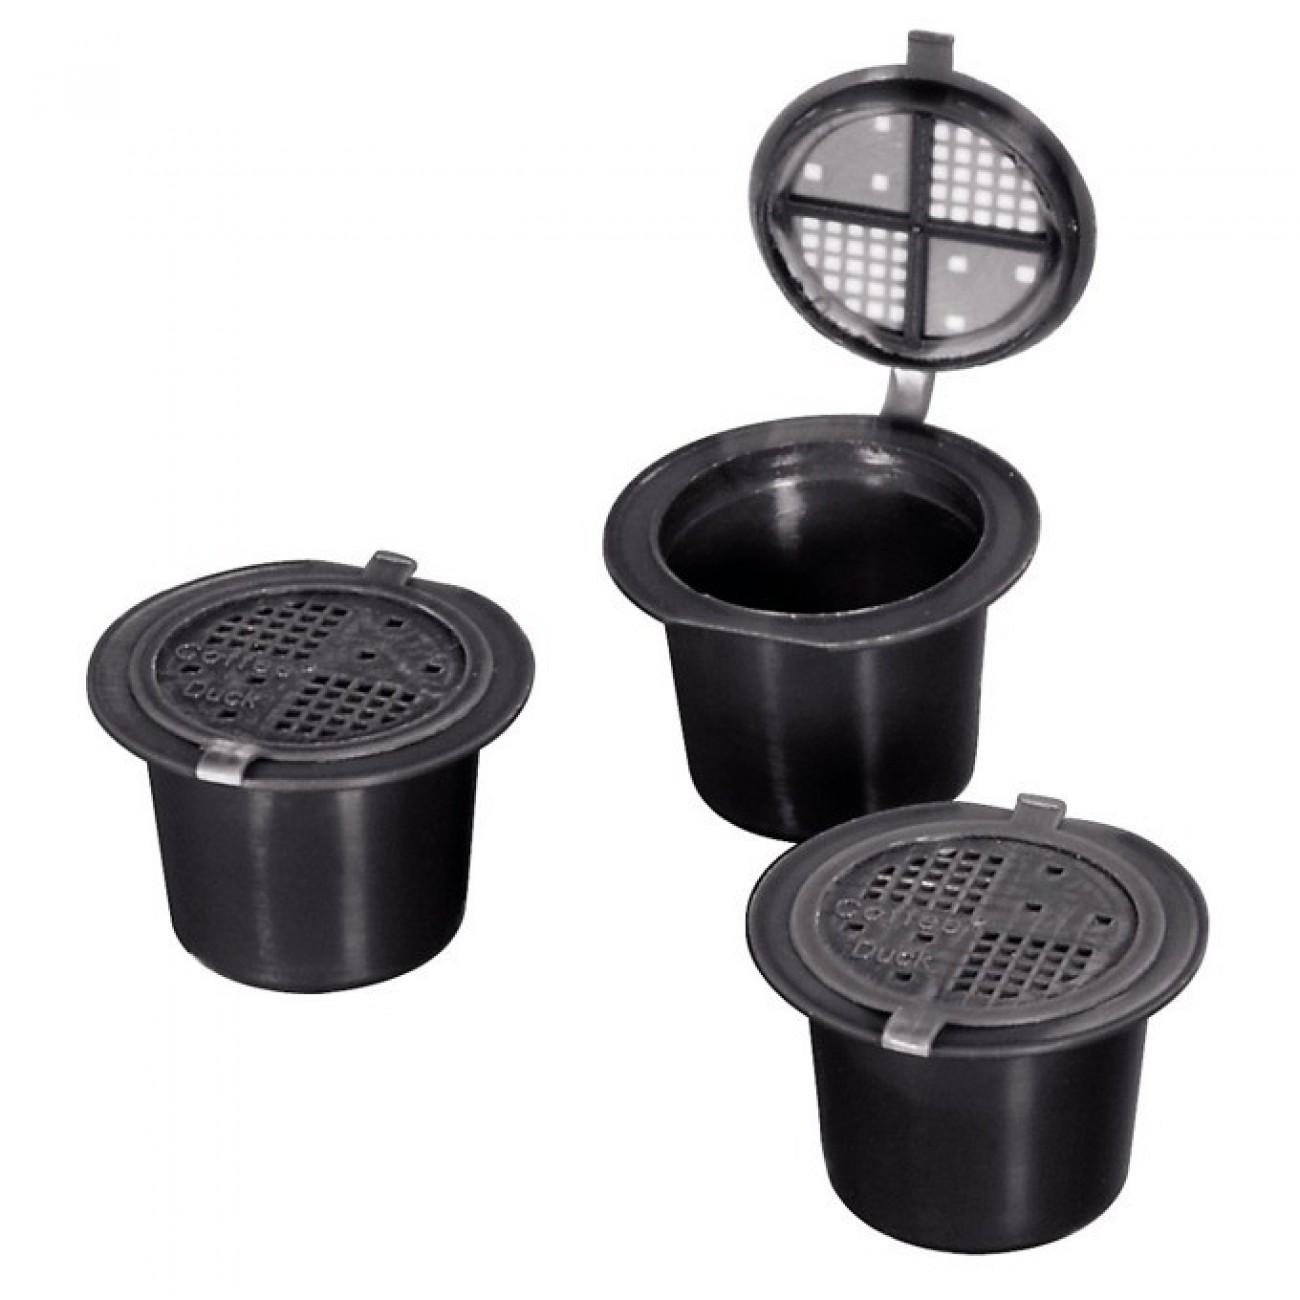 Капсули Xavax Coffeeduck, за Nespresso машини, 3бр., за многократна употреба в Кафемашини -    Alleop